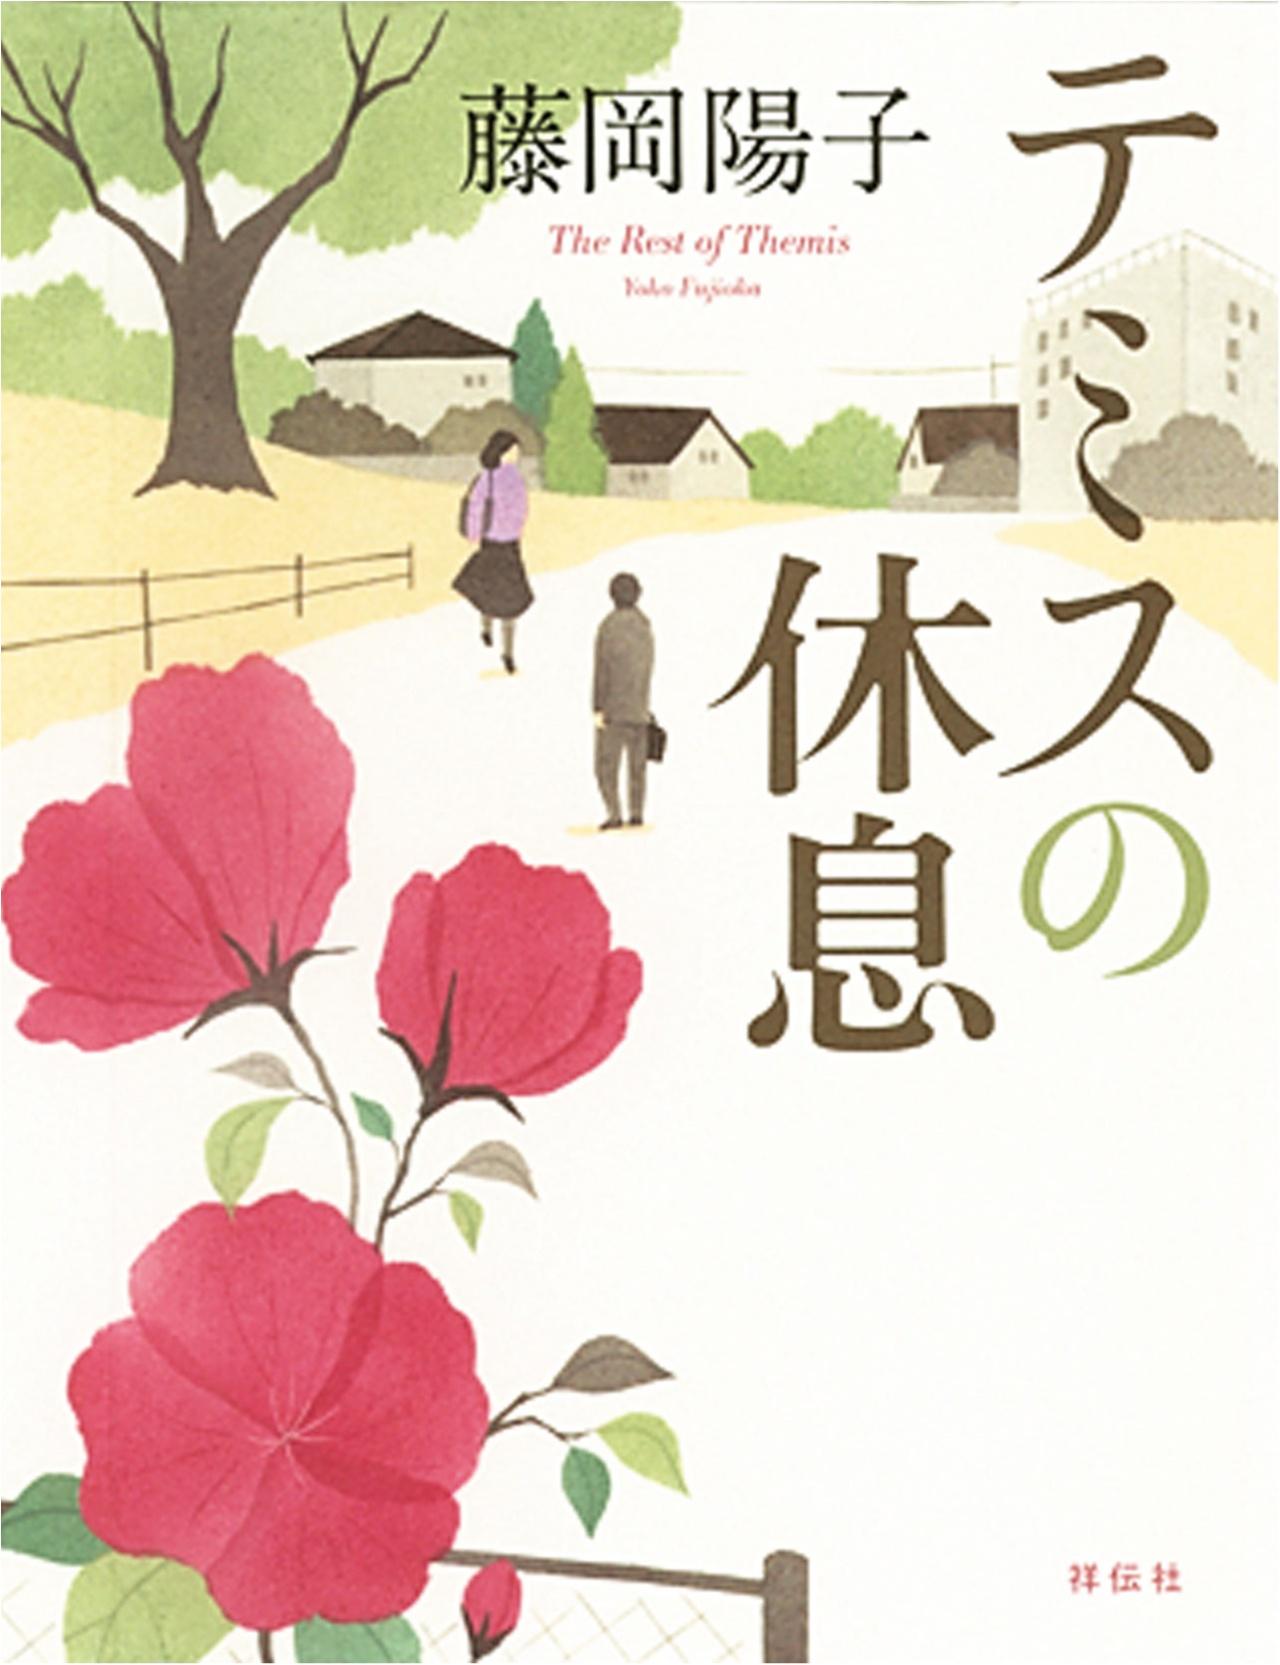 今月のオススメ★BOOK『テミスの休息』『おめかしの引力』_1